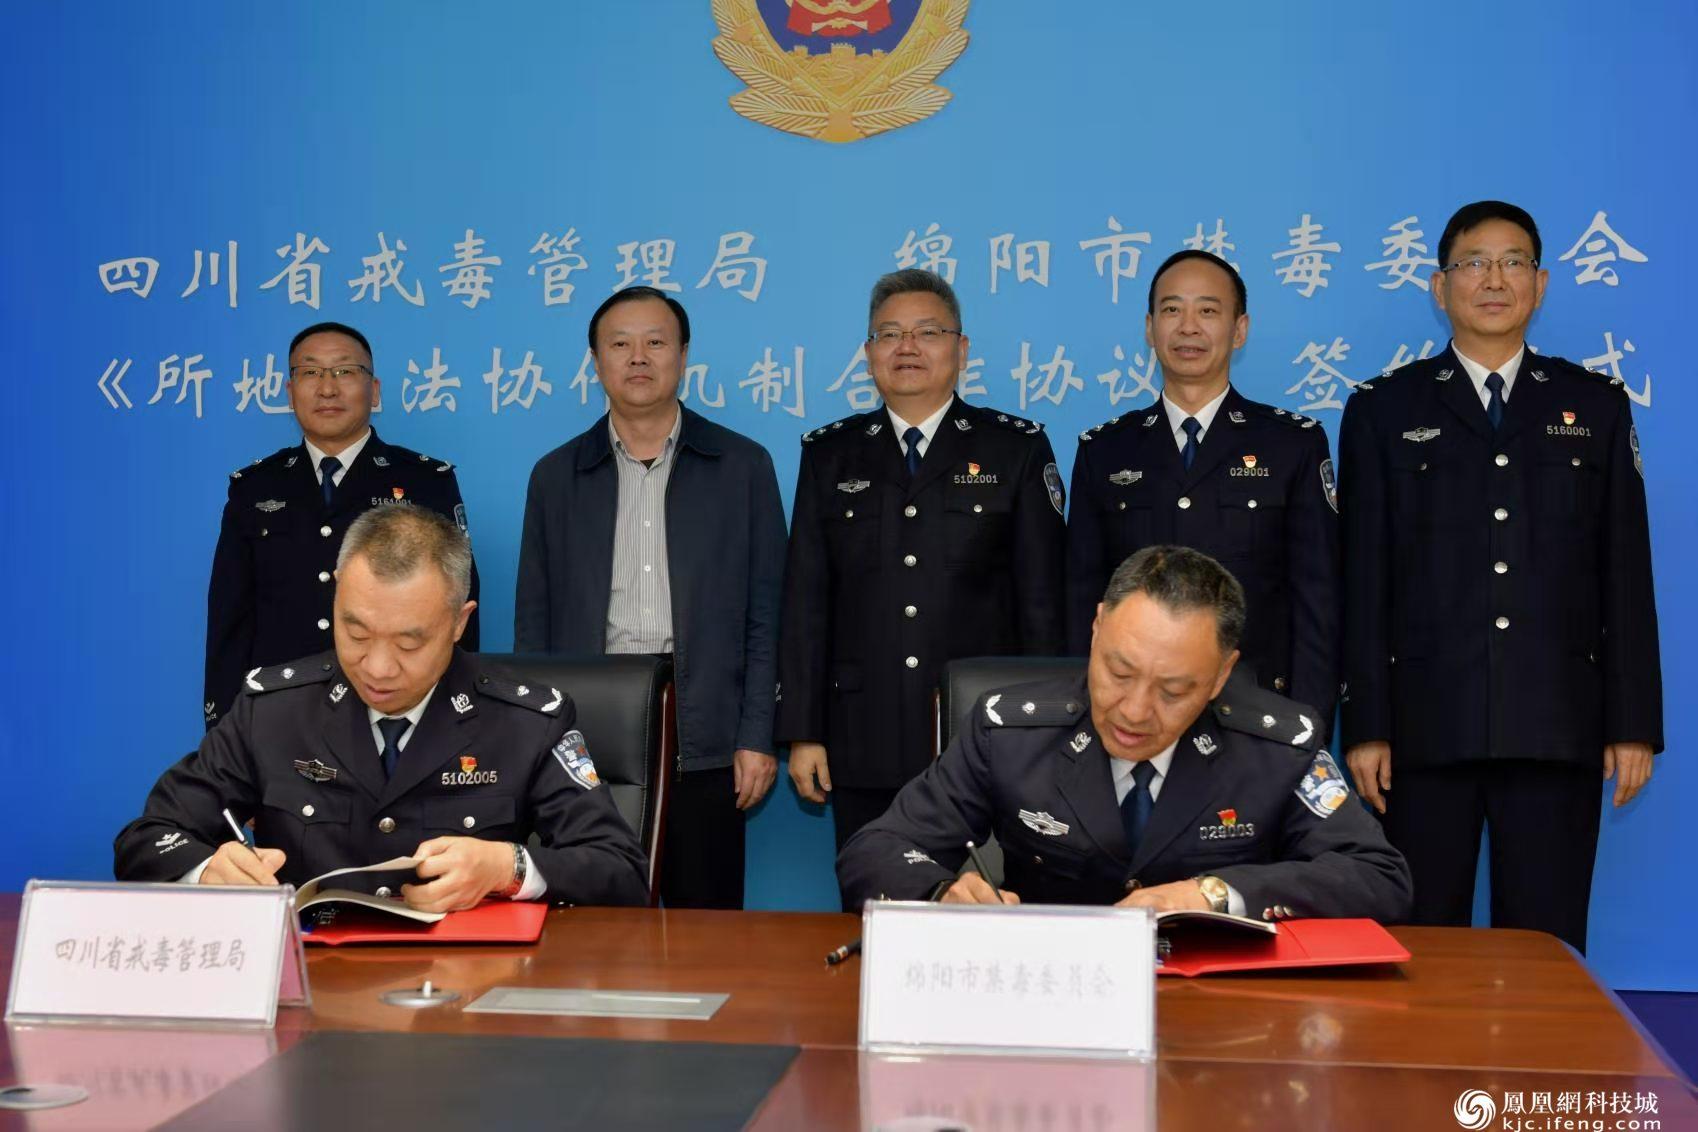 四川省戒毒管理局与绵阳市禁毒委员会举行《所地执法协作合作协议》签约仪式